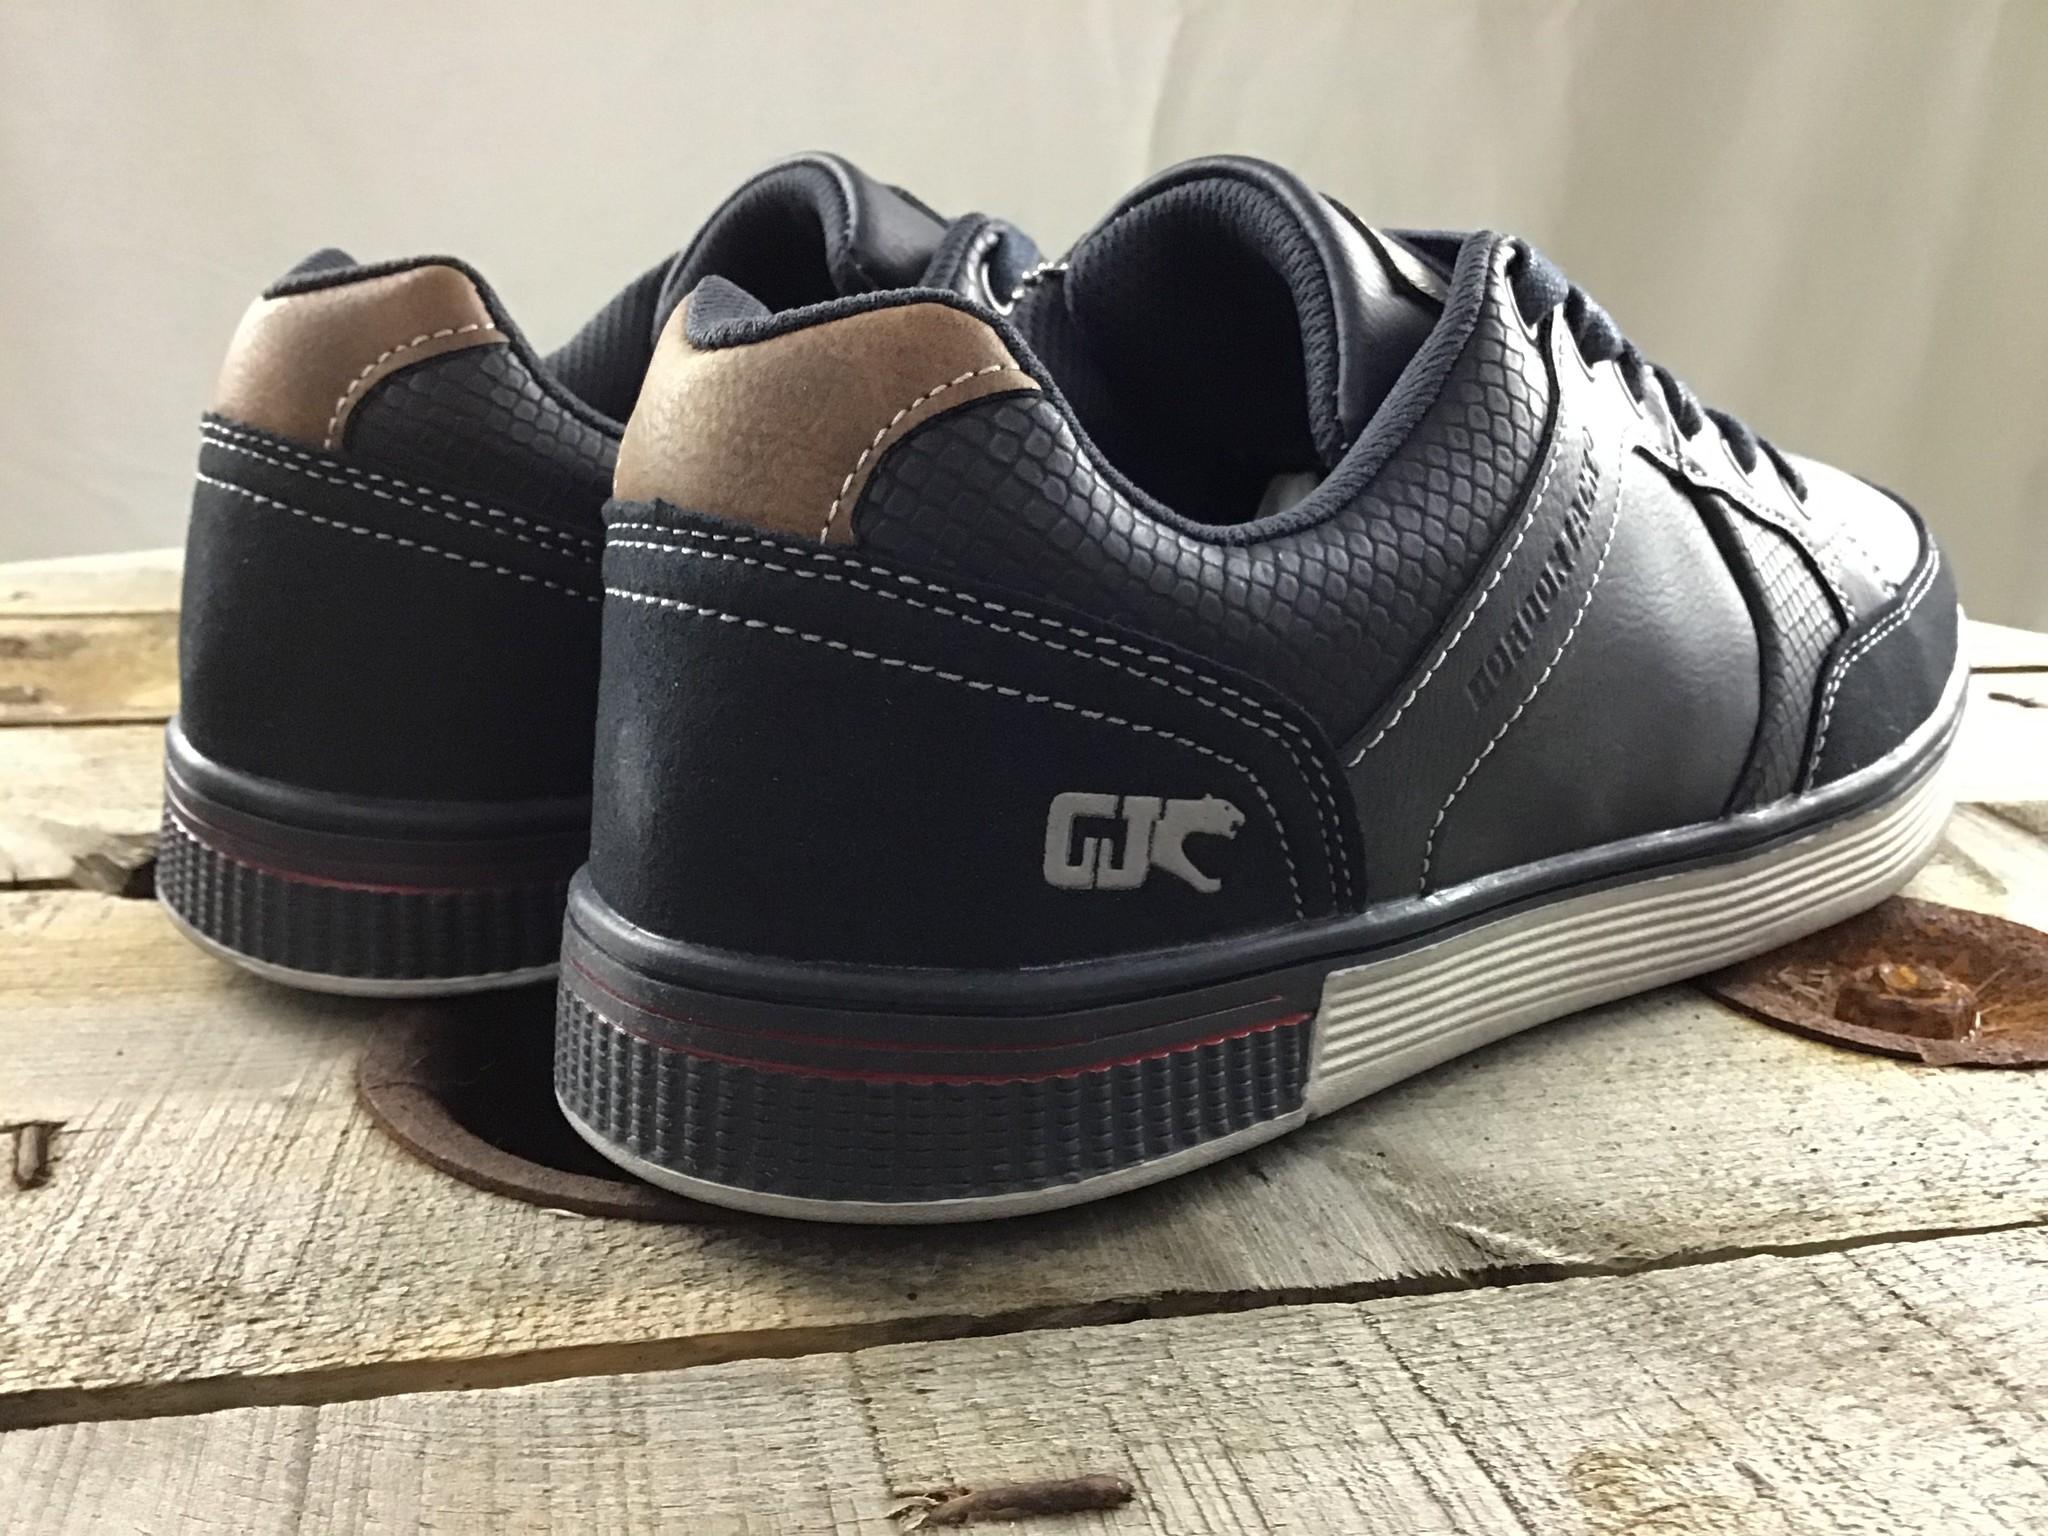 Gordon Jack San Fran sneaker